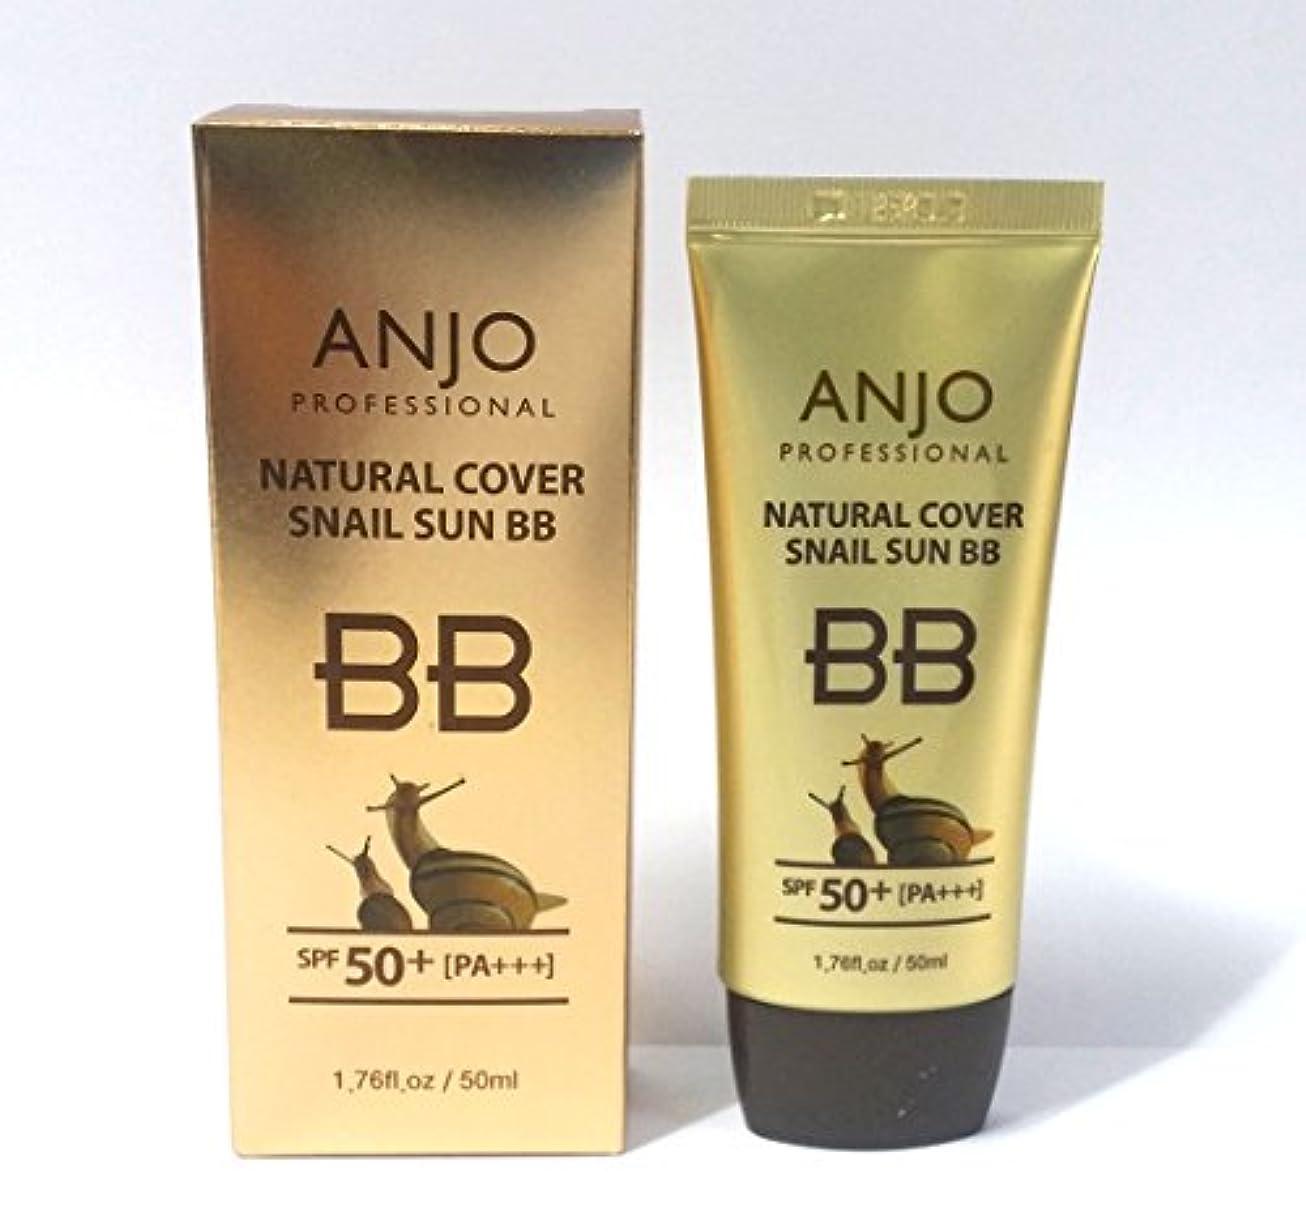 大佐五月ダンプ[ANJO] ナチュラルカバーカタツムリサンBBクリームSPF 50 + PA +++ 50ml X 3EA /メイクアップベース/カタツムリ粘液 / Natural Cover Snail Sun BB Cream SPF...